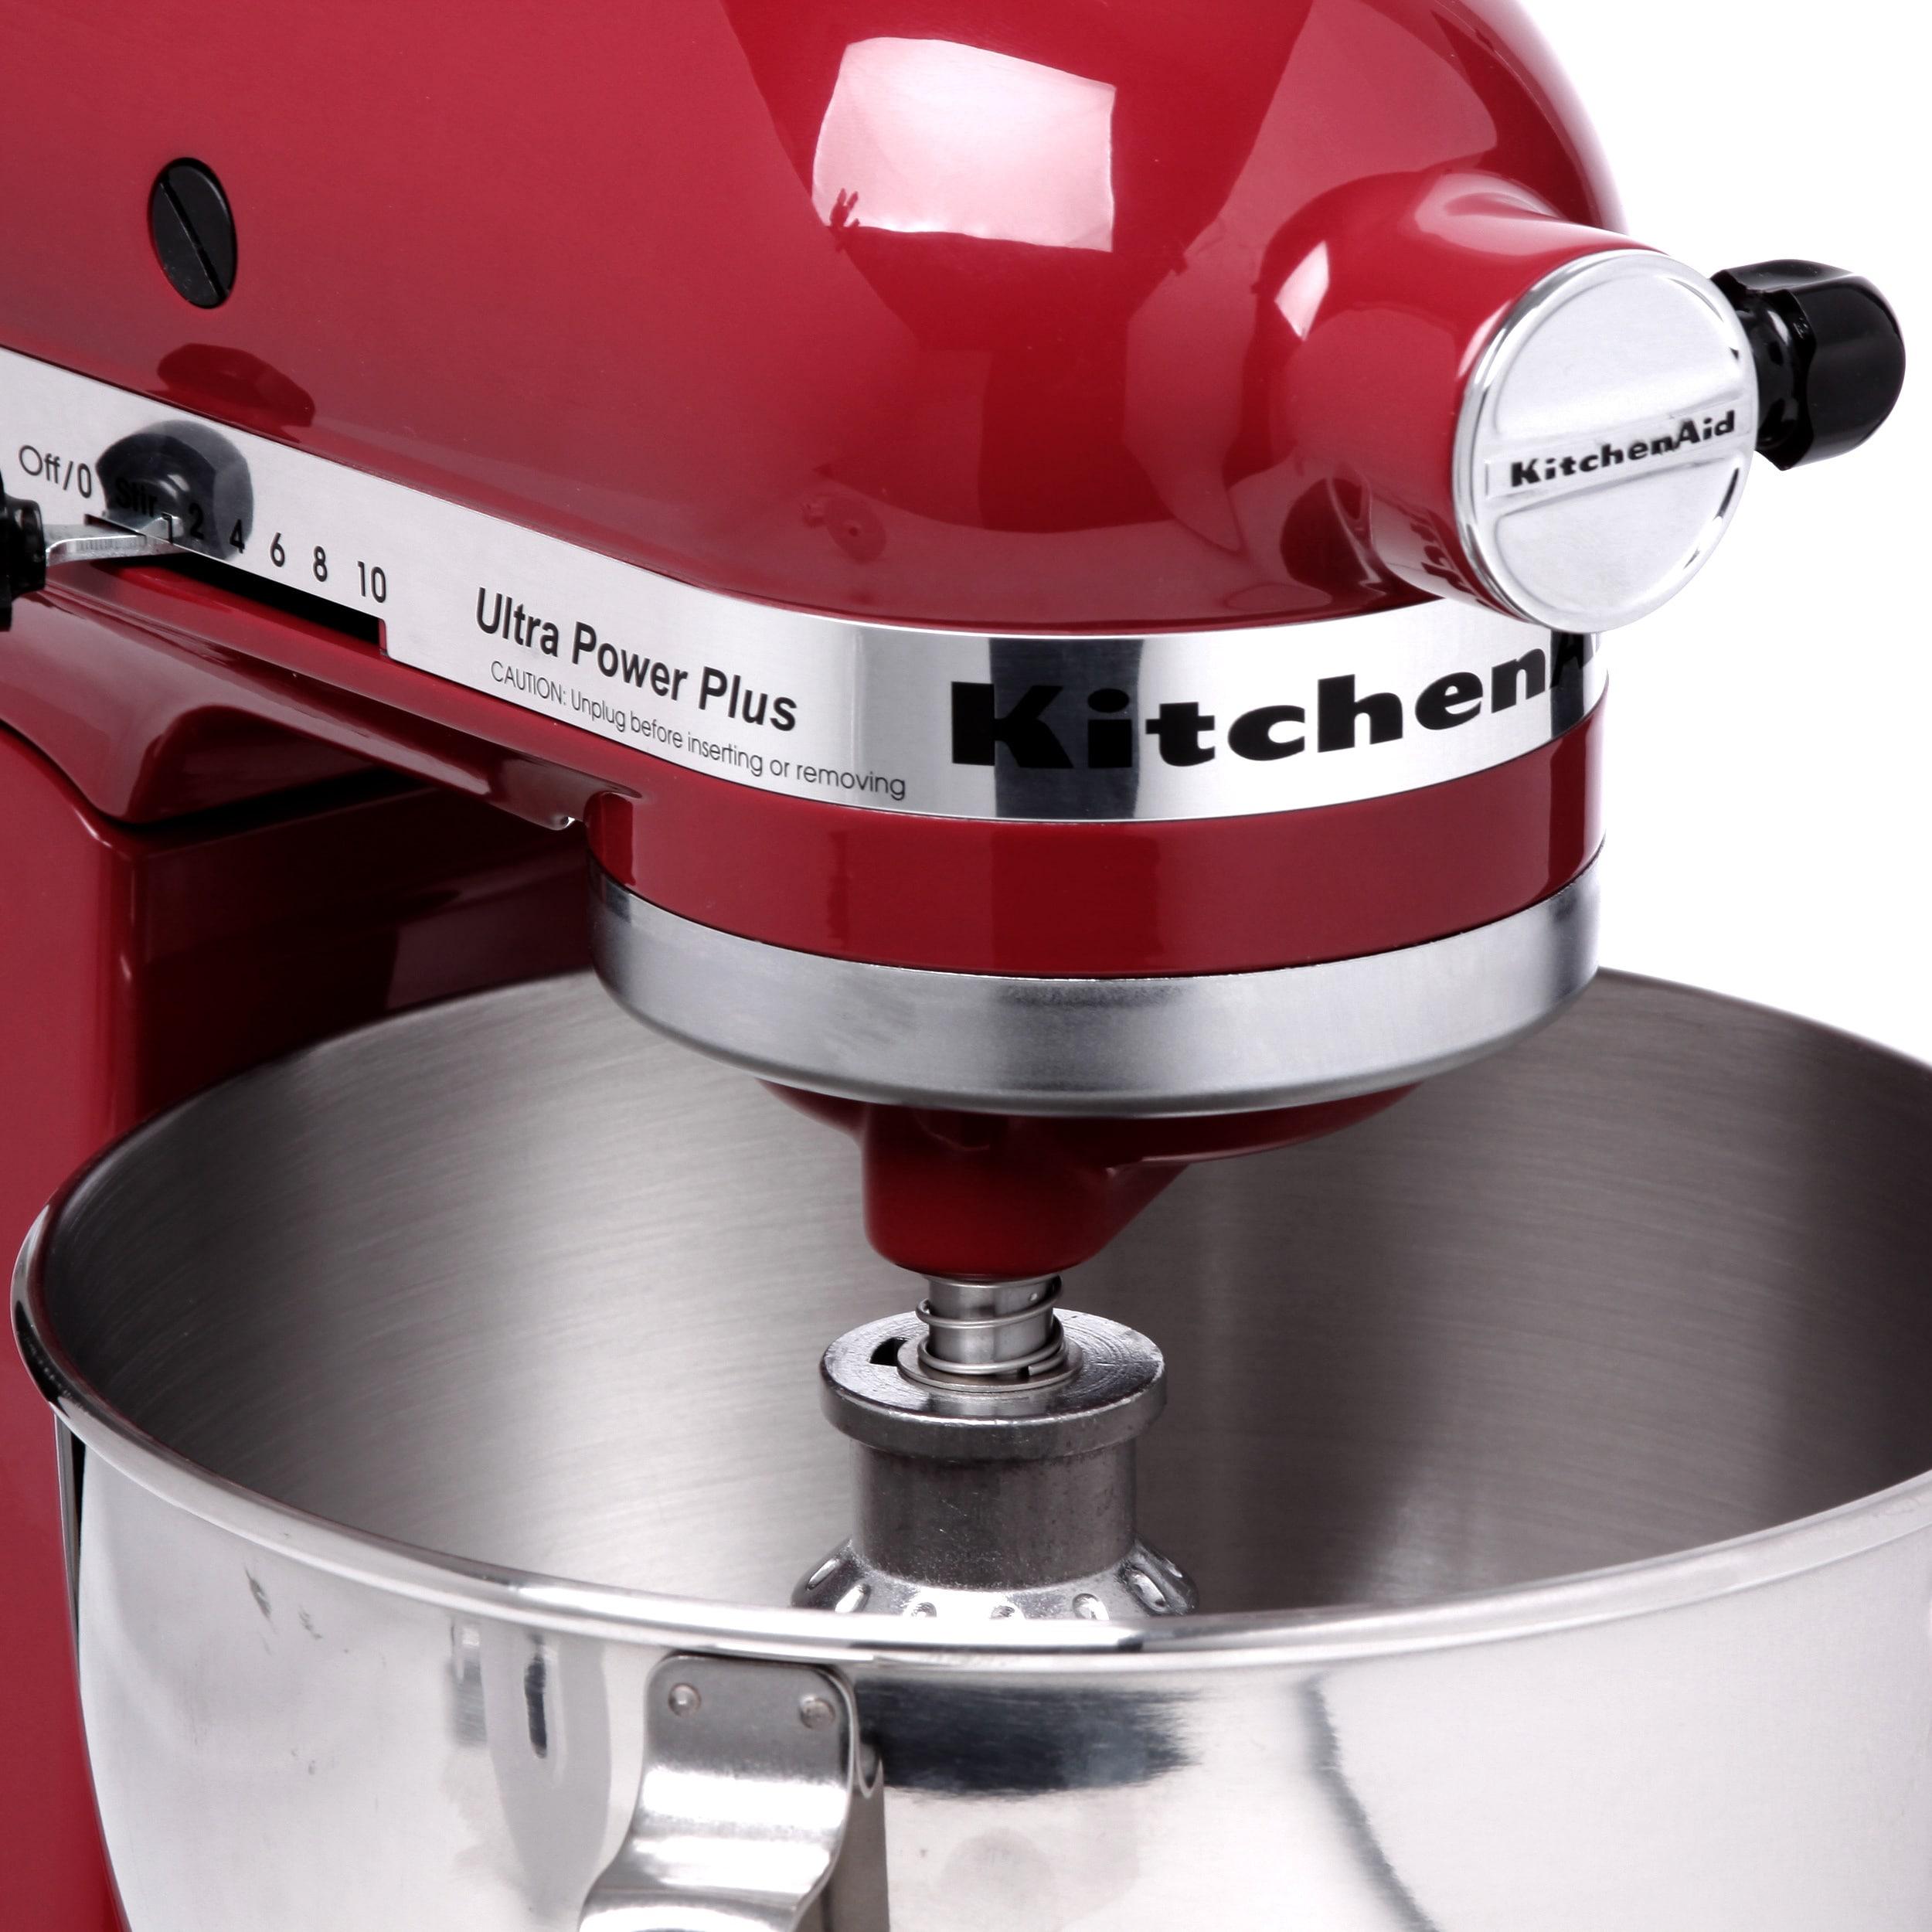 KitchenAid KSM100PSER Empire Red 4.5-quart UltraPower Plus Stand Mixer